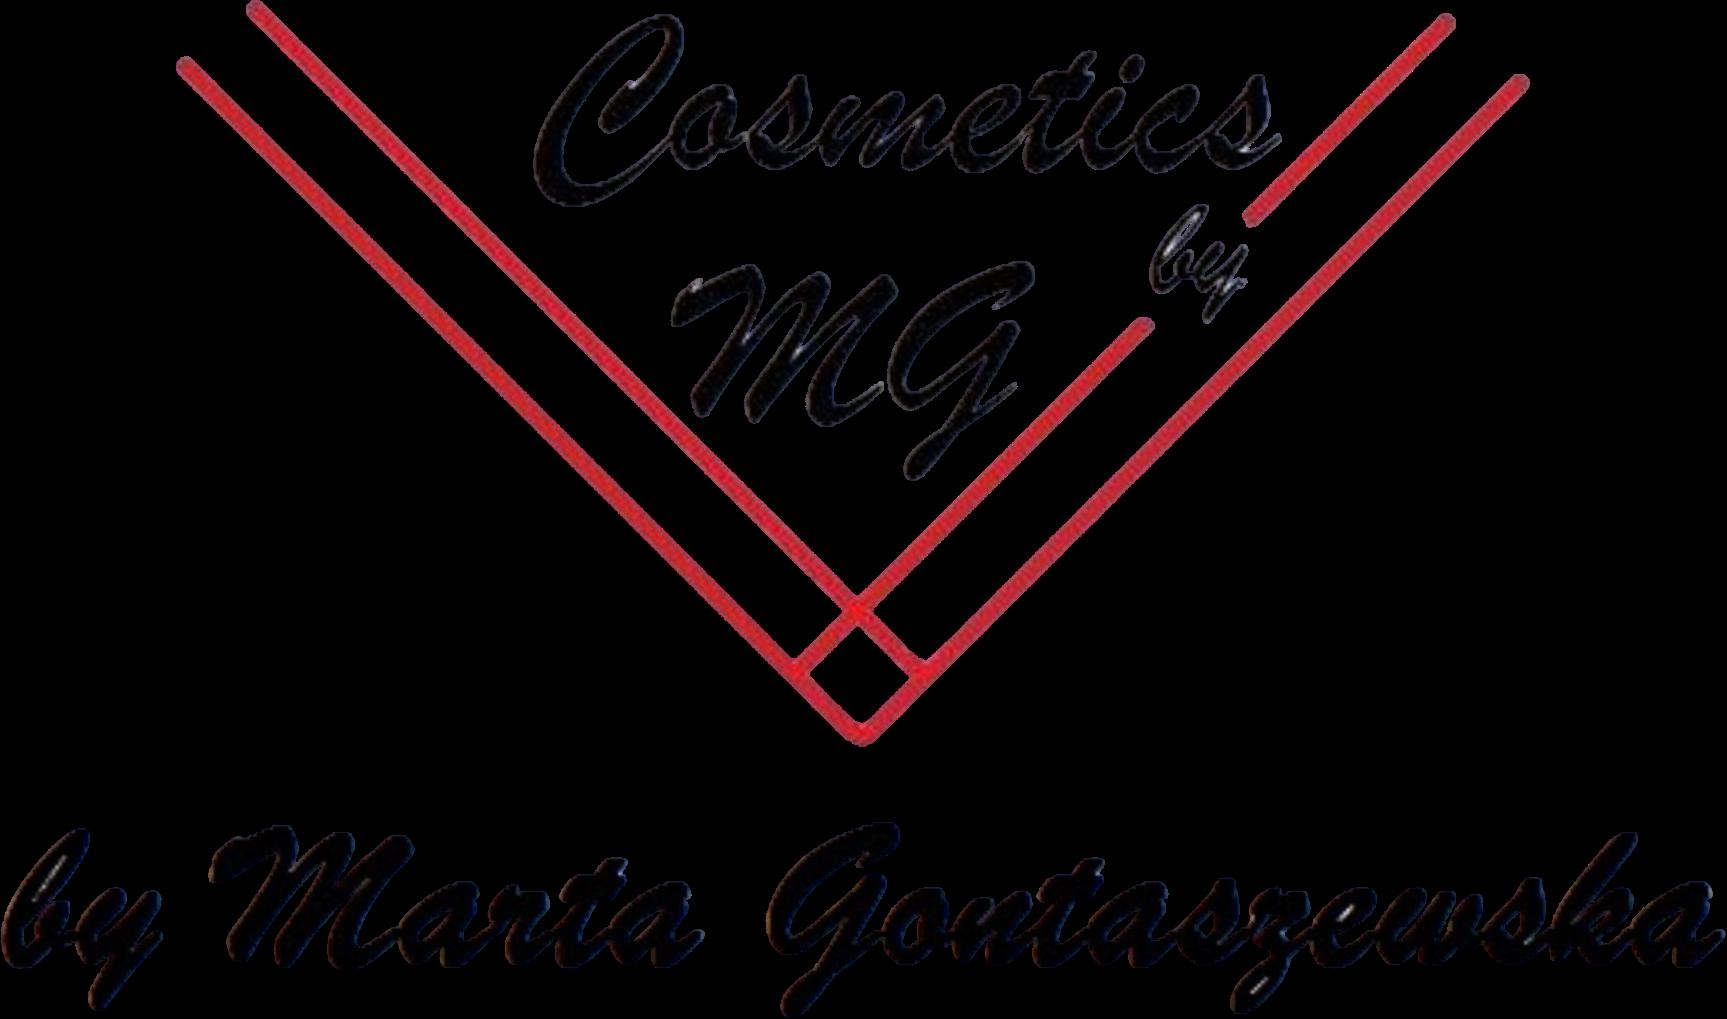 Cosmetics by Marta Gontaszewska